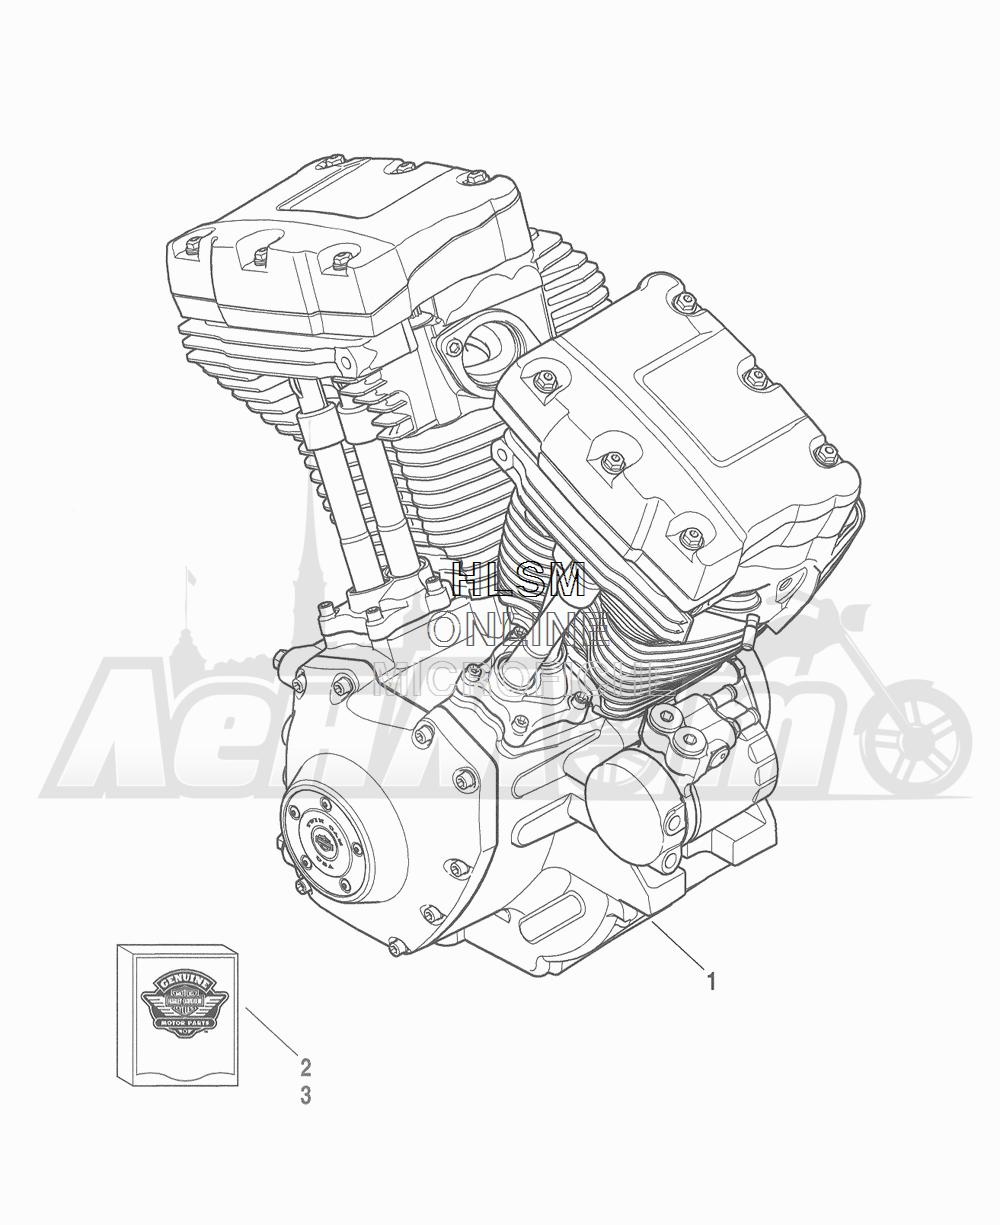 Запчасти для Мотоцикла Harley-Davidson 2016 FLHTCU 103 ULTRA CLASSIC ELECTRAGLIDE (FCM) Раздел: ENGINE ASSEMBLY | двигатель в сборе